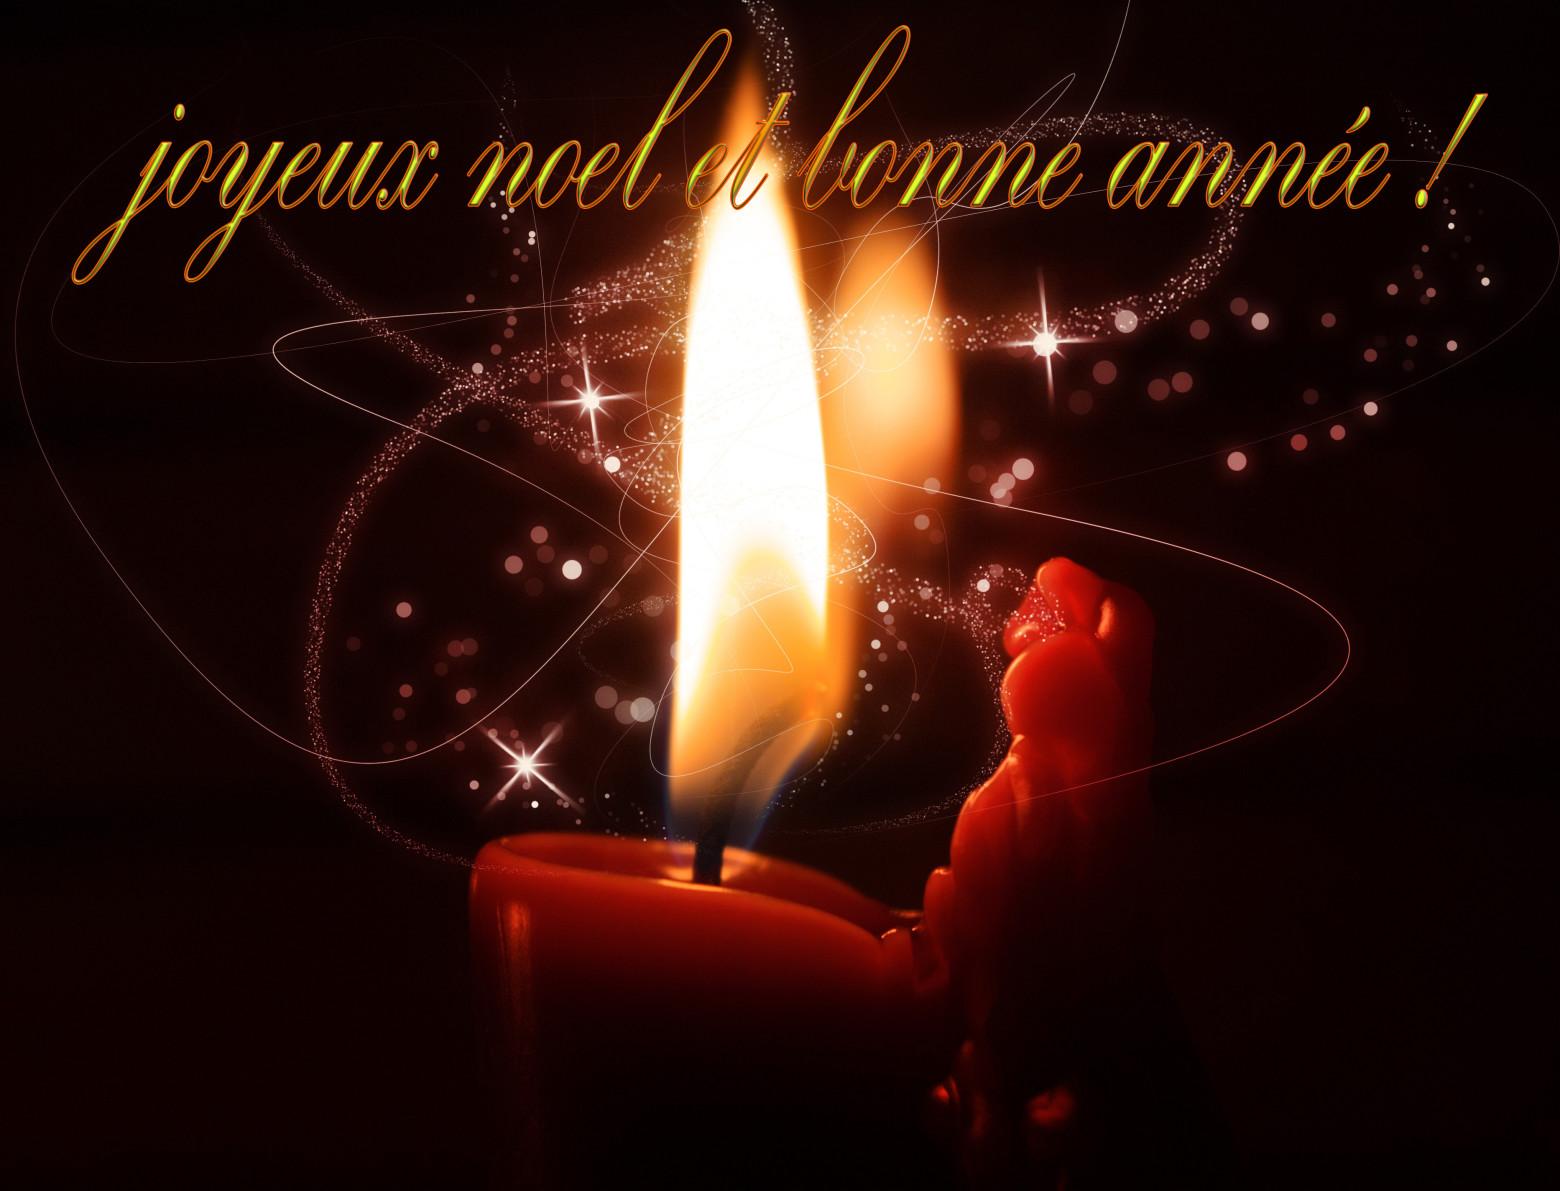 Joyeux Noel Images Gratuites.Carte De Voeux Gratuites Joyeux Noel Et Bonne Annee Images